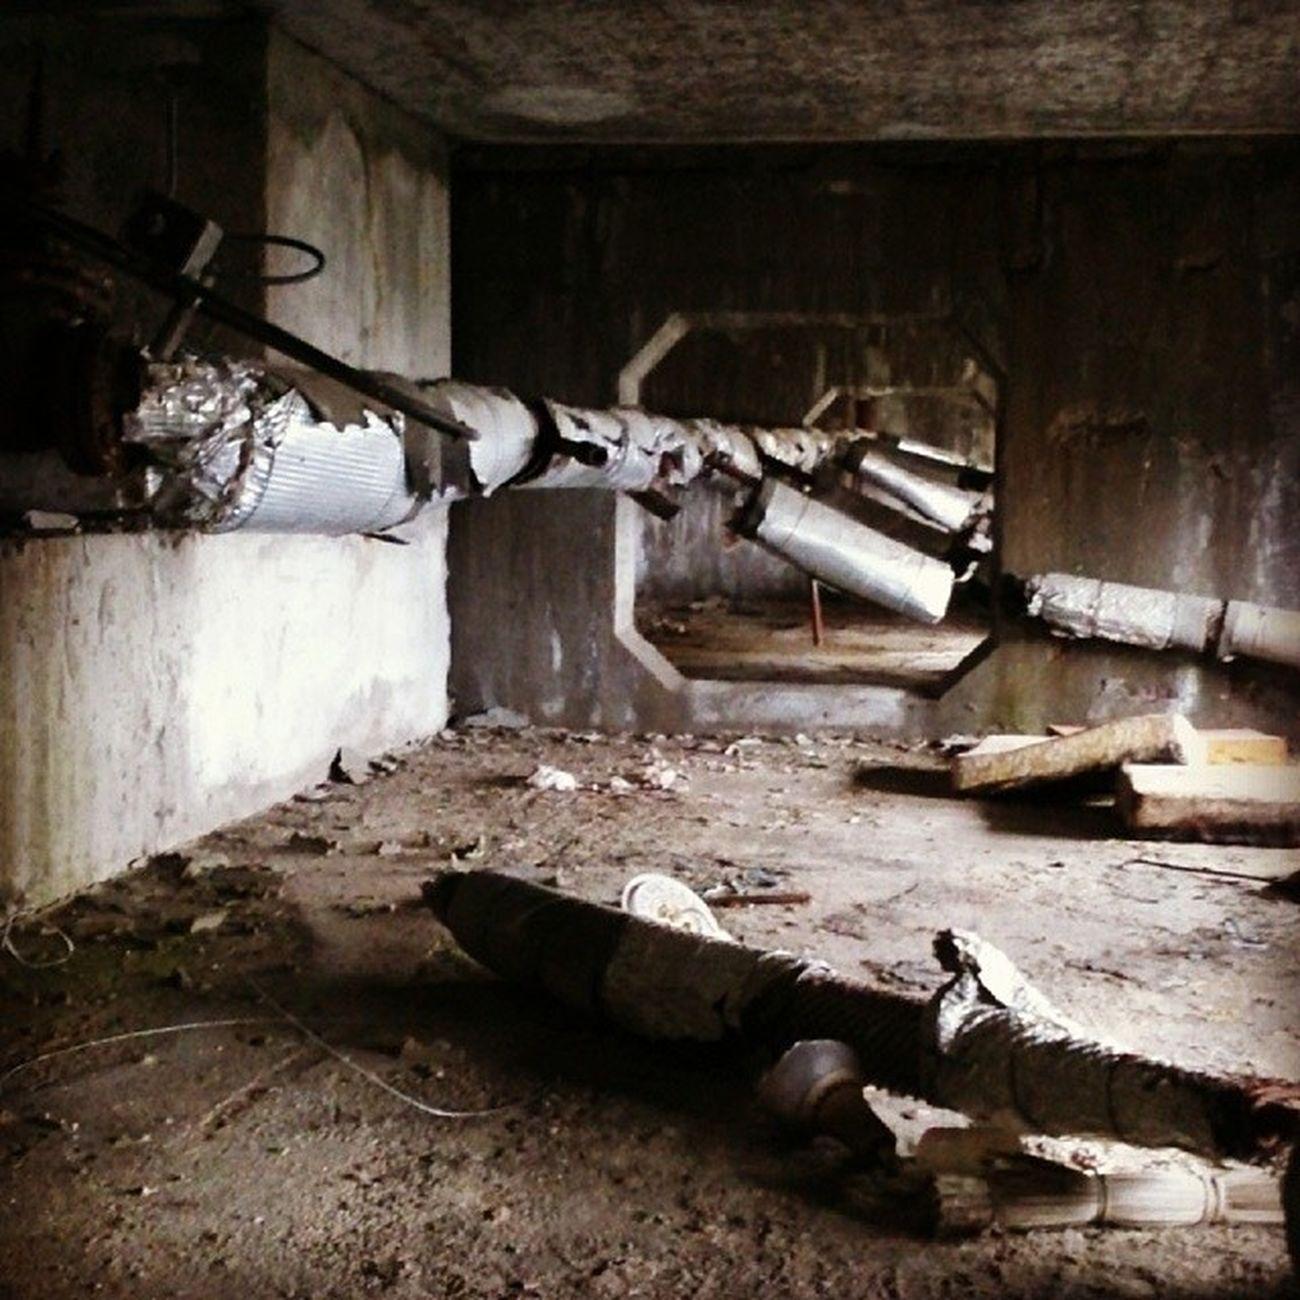 Pripyat Dead_city Abandoned_city припять мертвый_город чердак